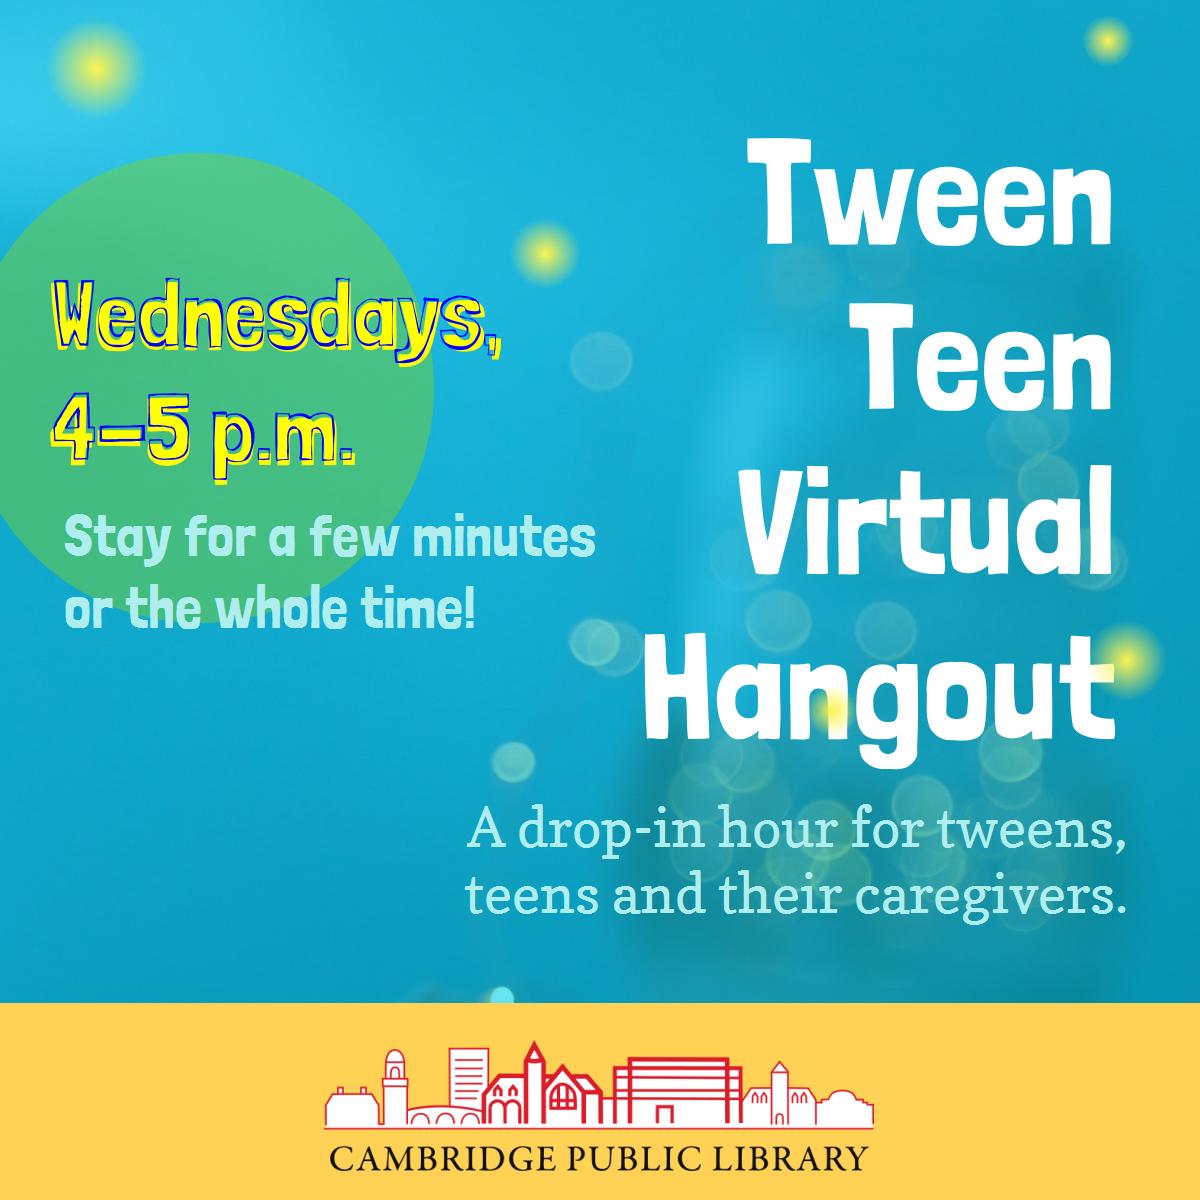 Tween/Teen Virtual Hangout